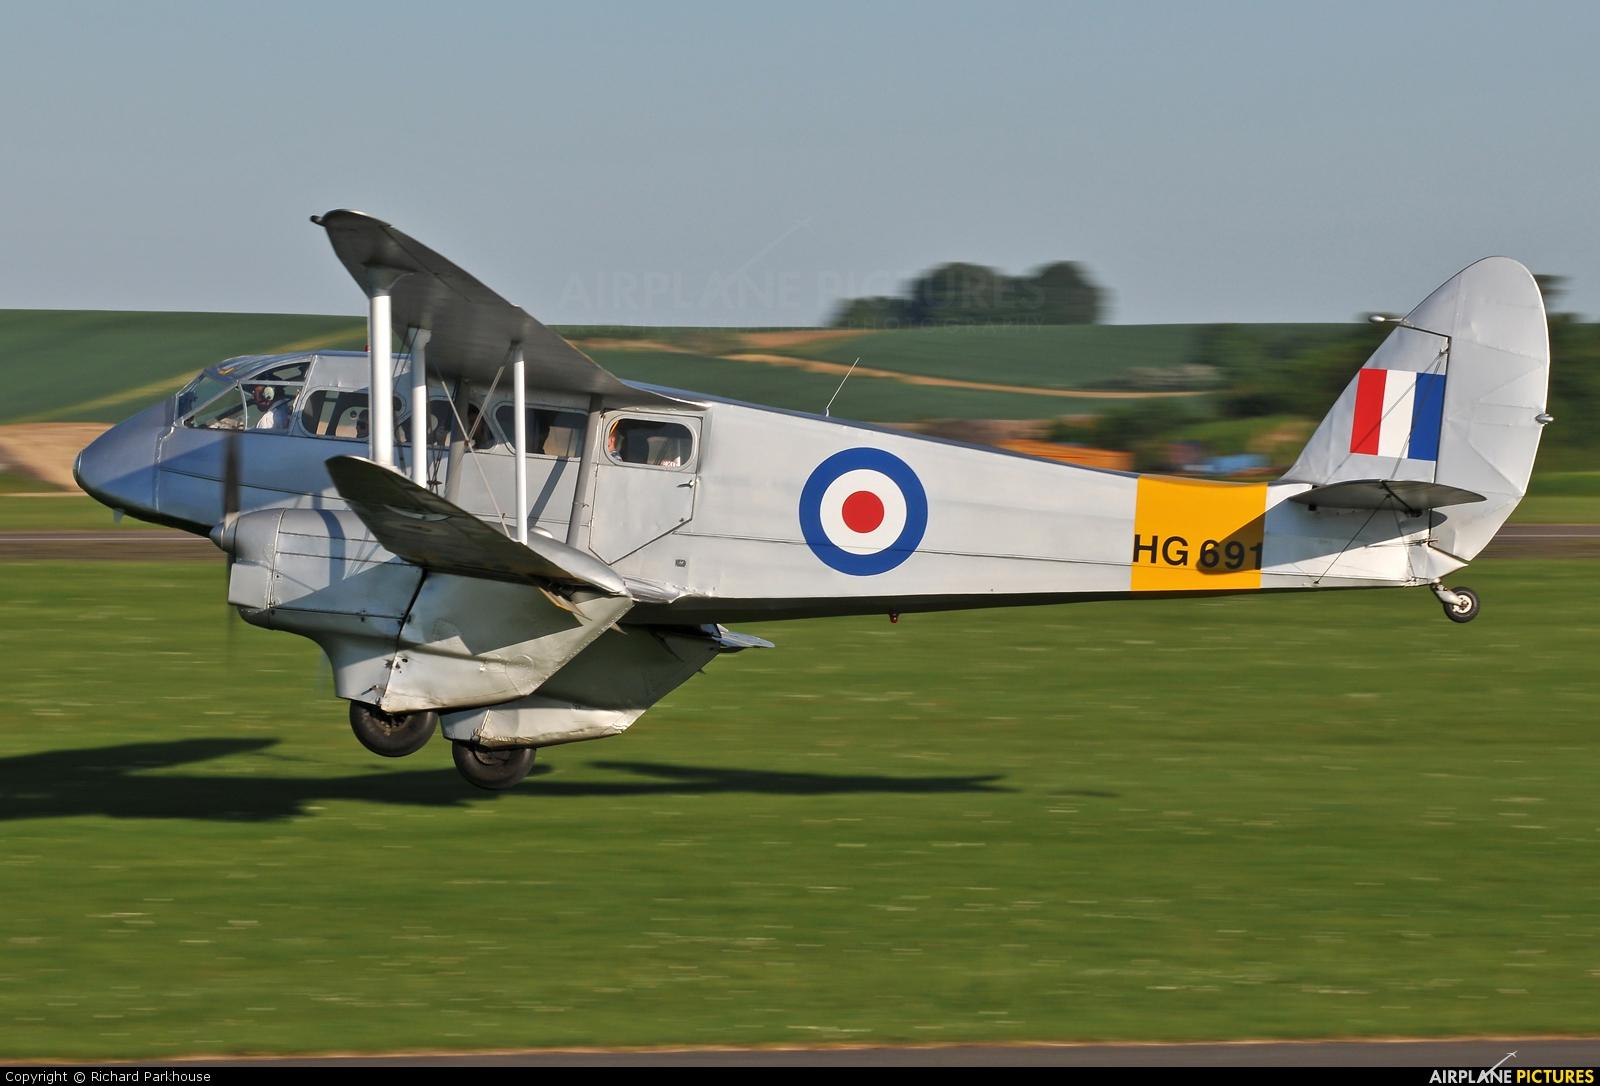 Spectrum Leisure G-AIYR aircraft at Duxford